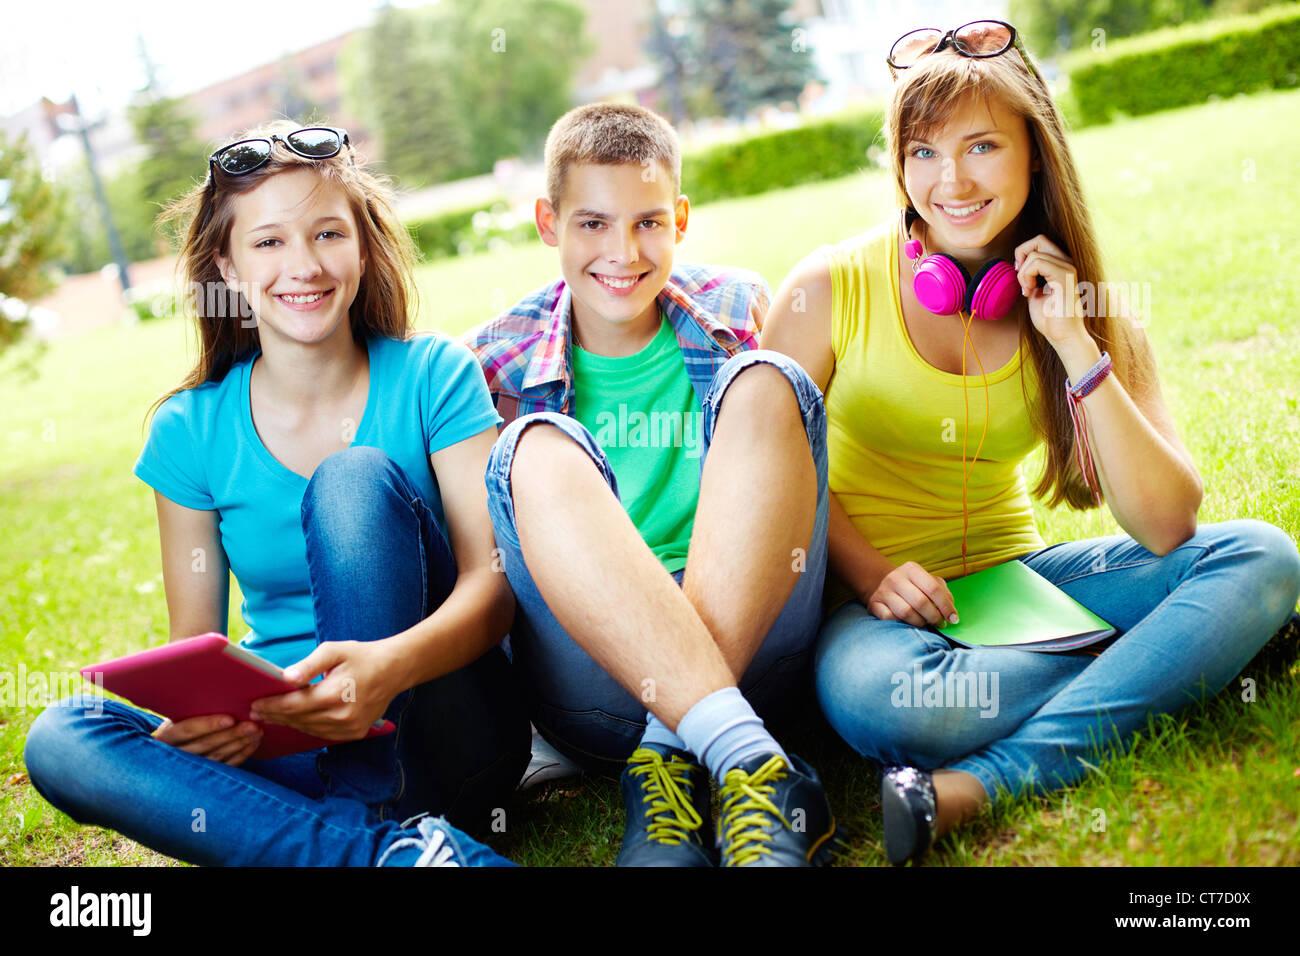 Ritratto di tre studenti del college godendo il loro tempo libero all'aperto Immagini Stock